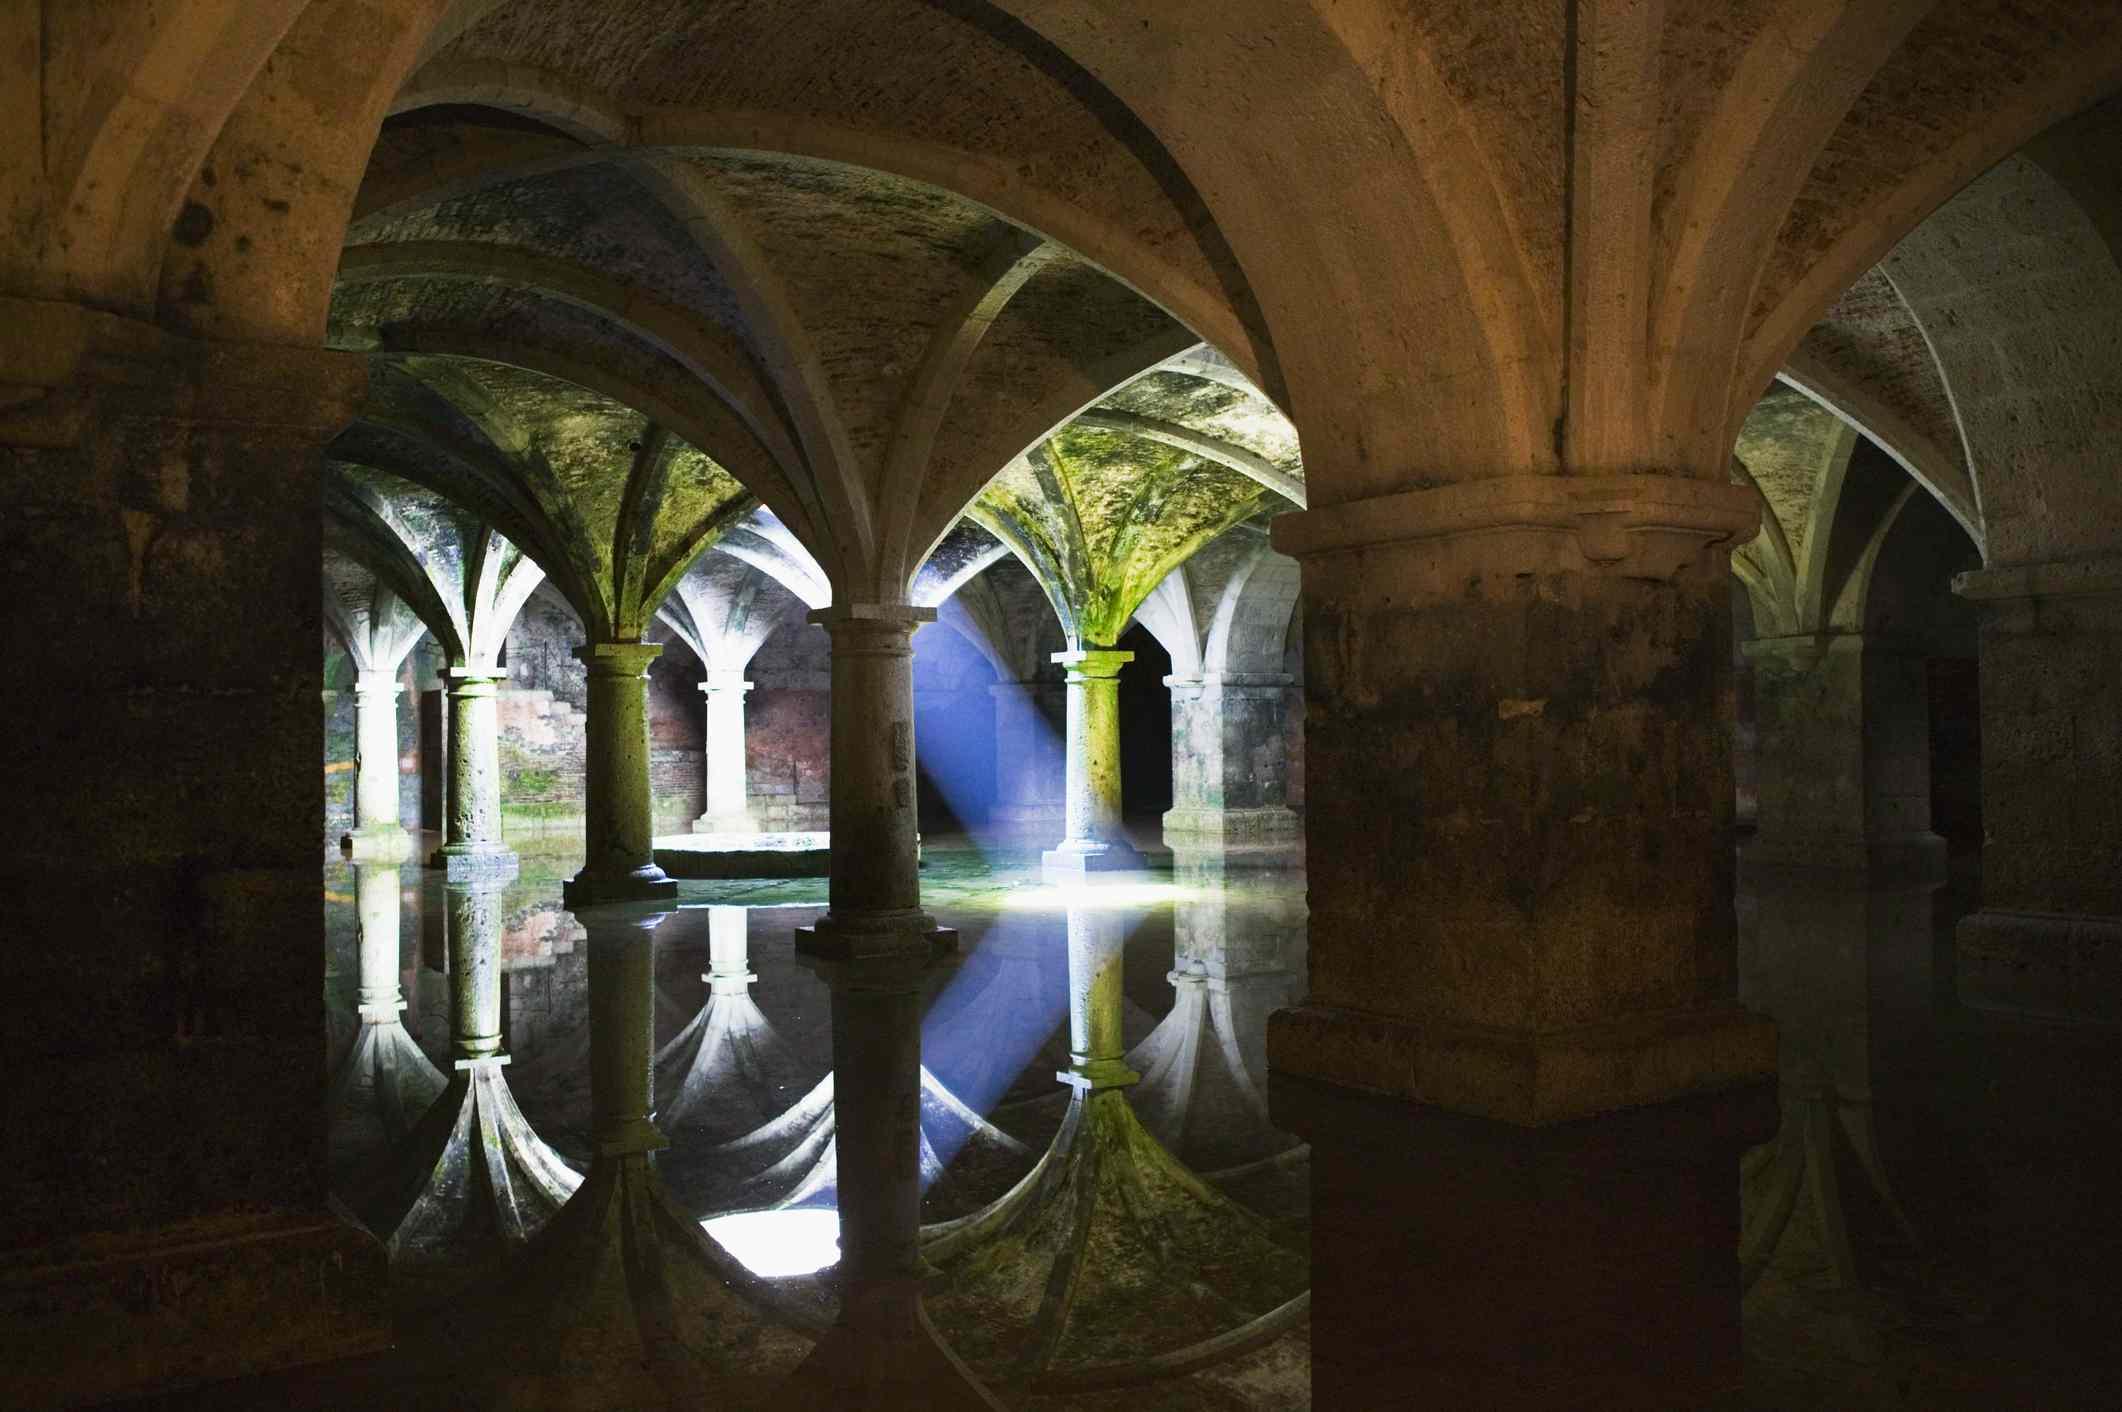 The subterranean Portuguese cistern in El Jadida, Morocco